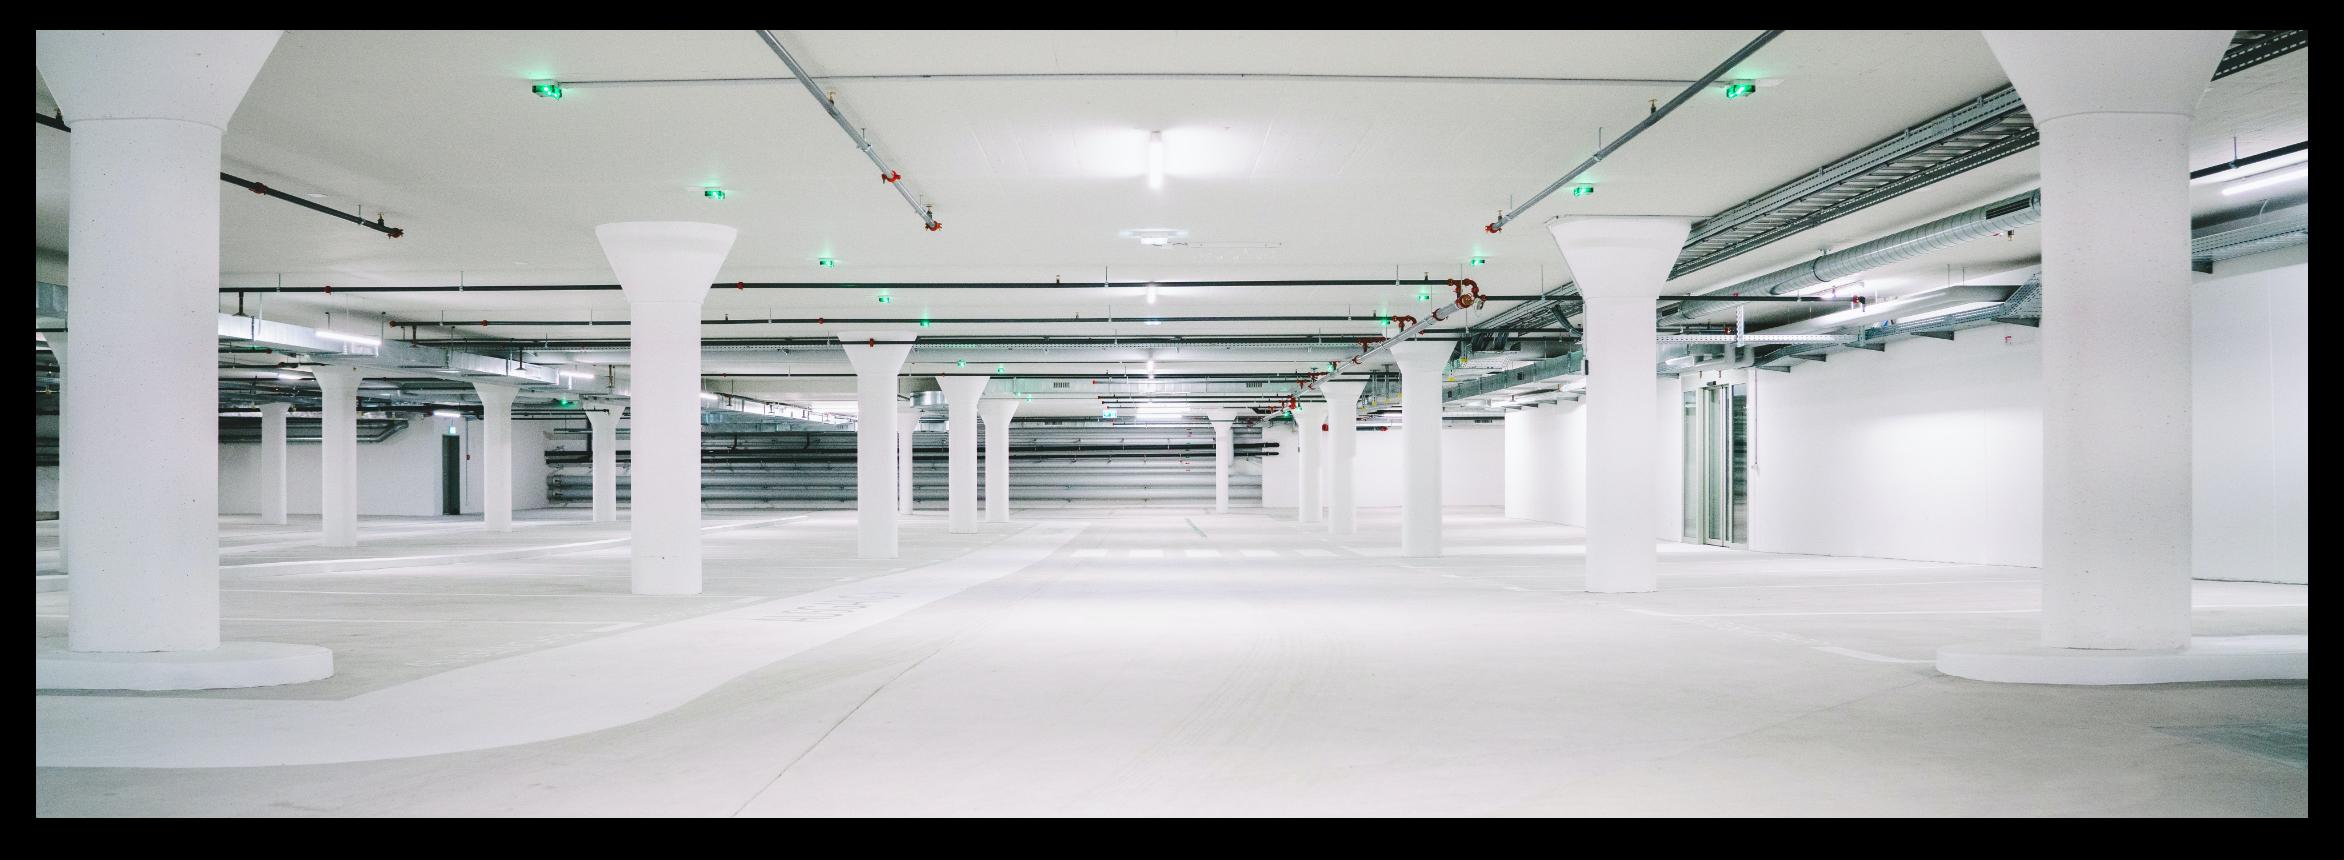 Clean parking garage.